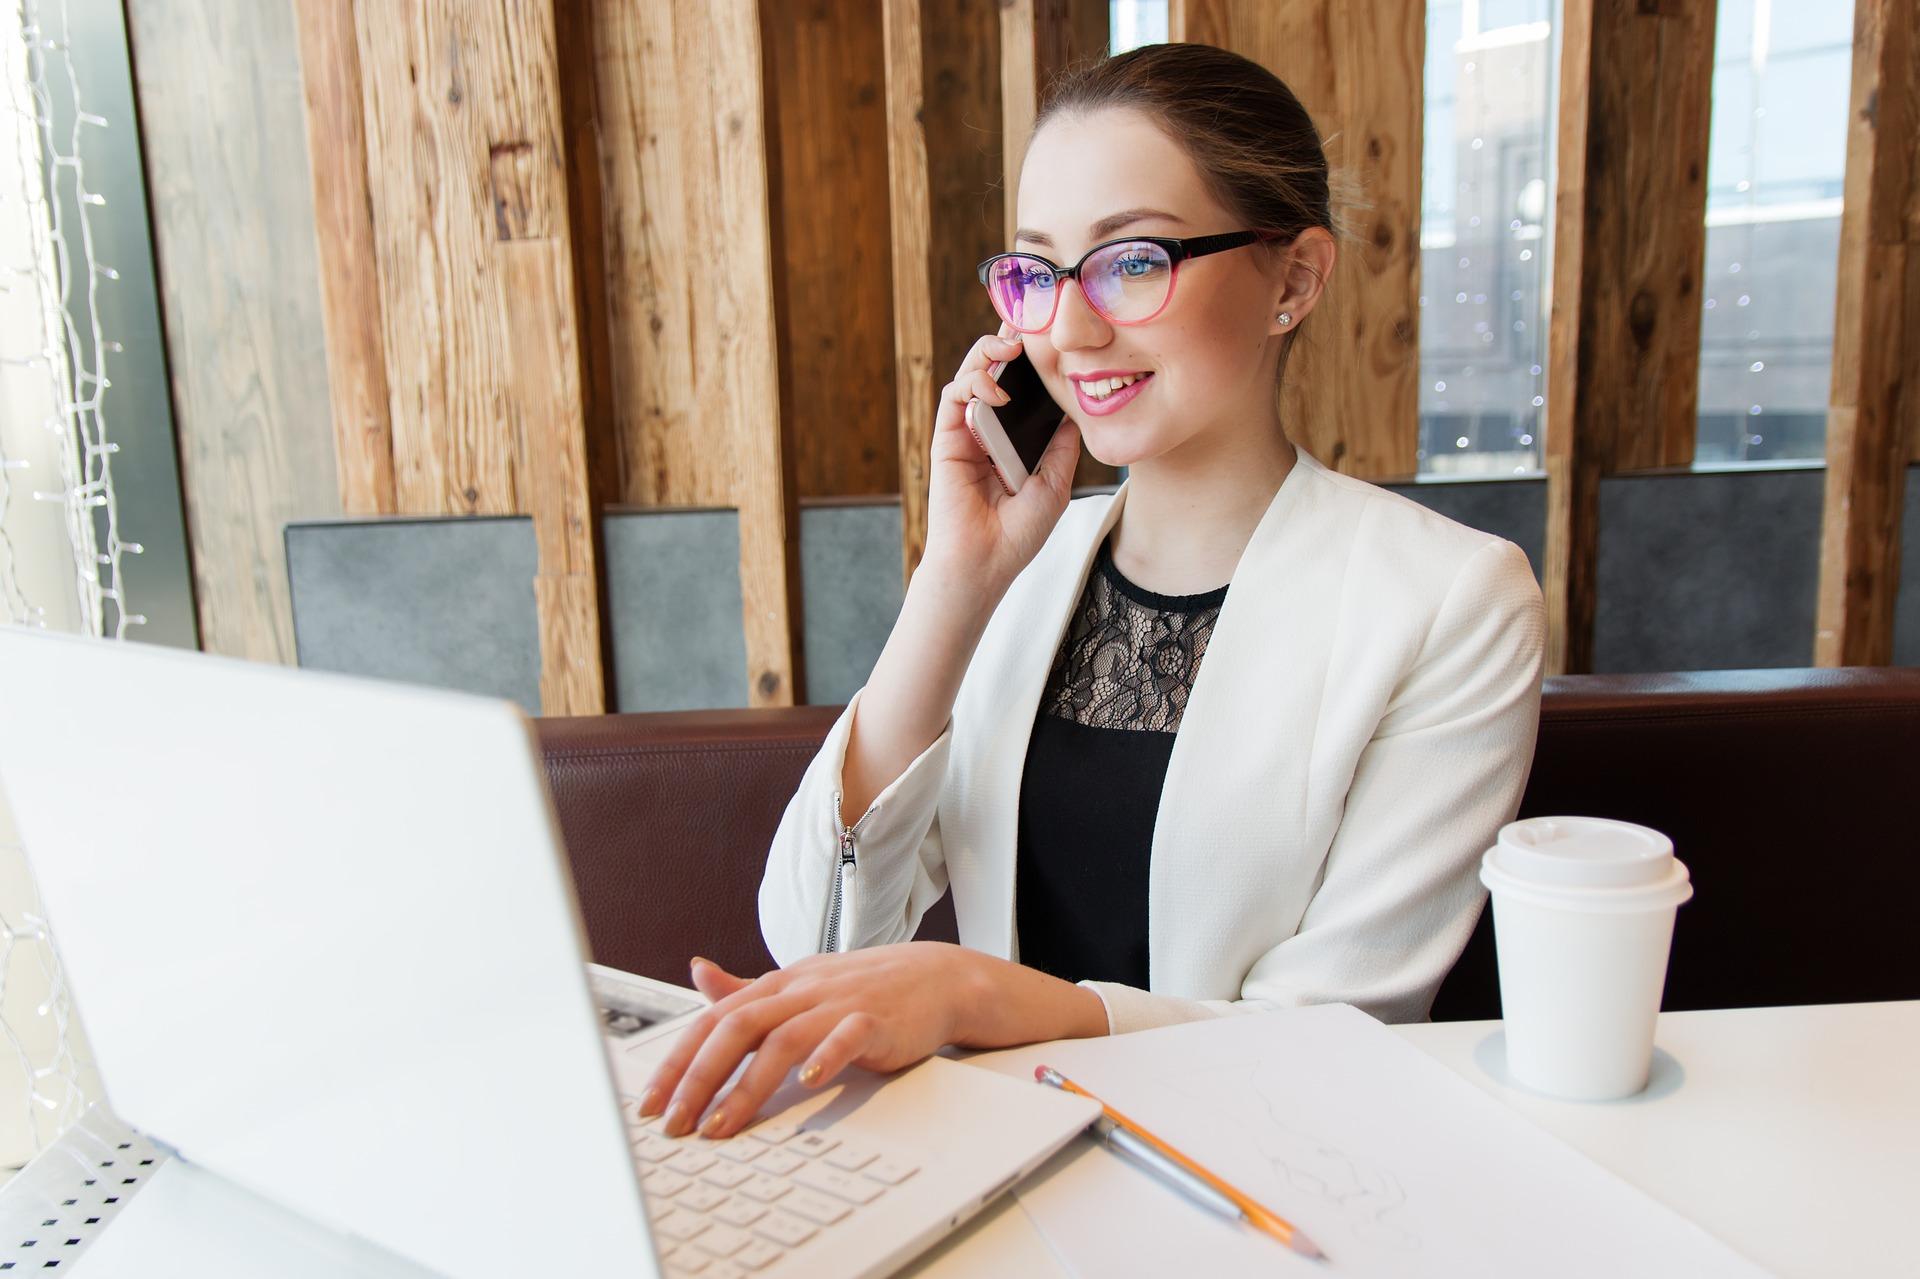 女性がパソコンを操作しながら電話をかけている